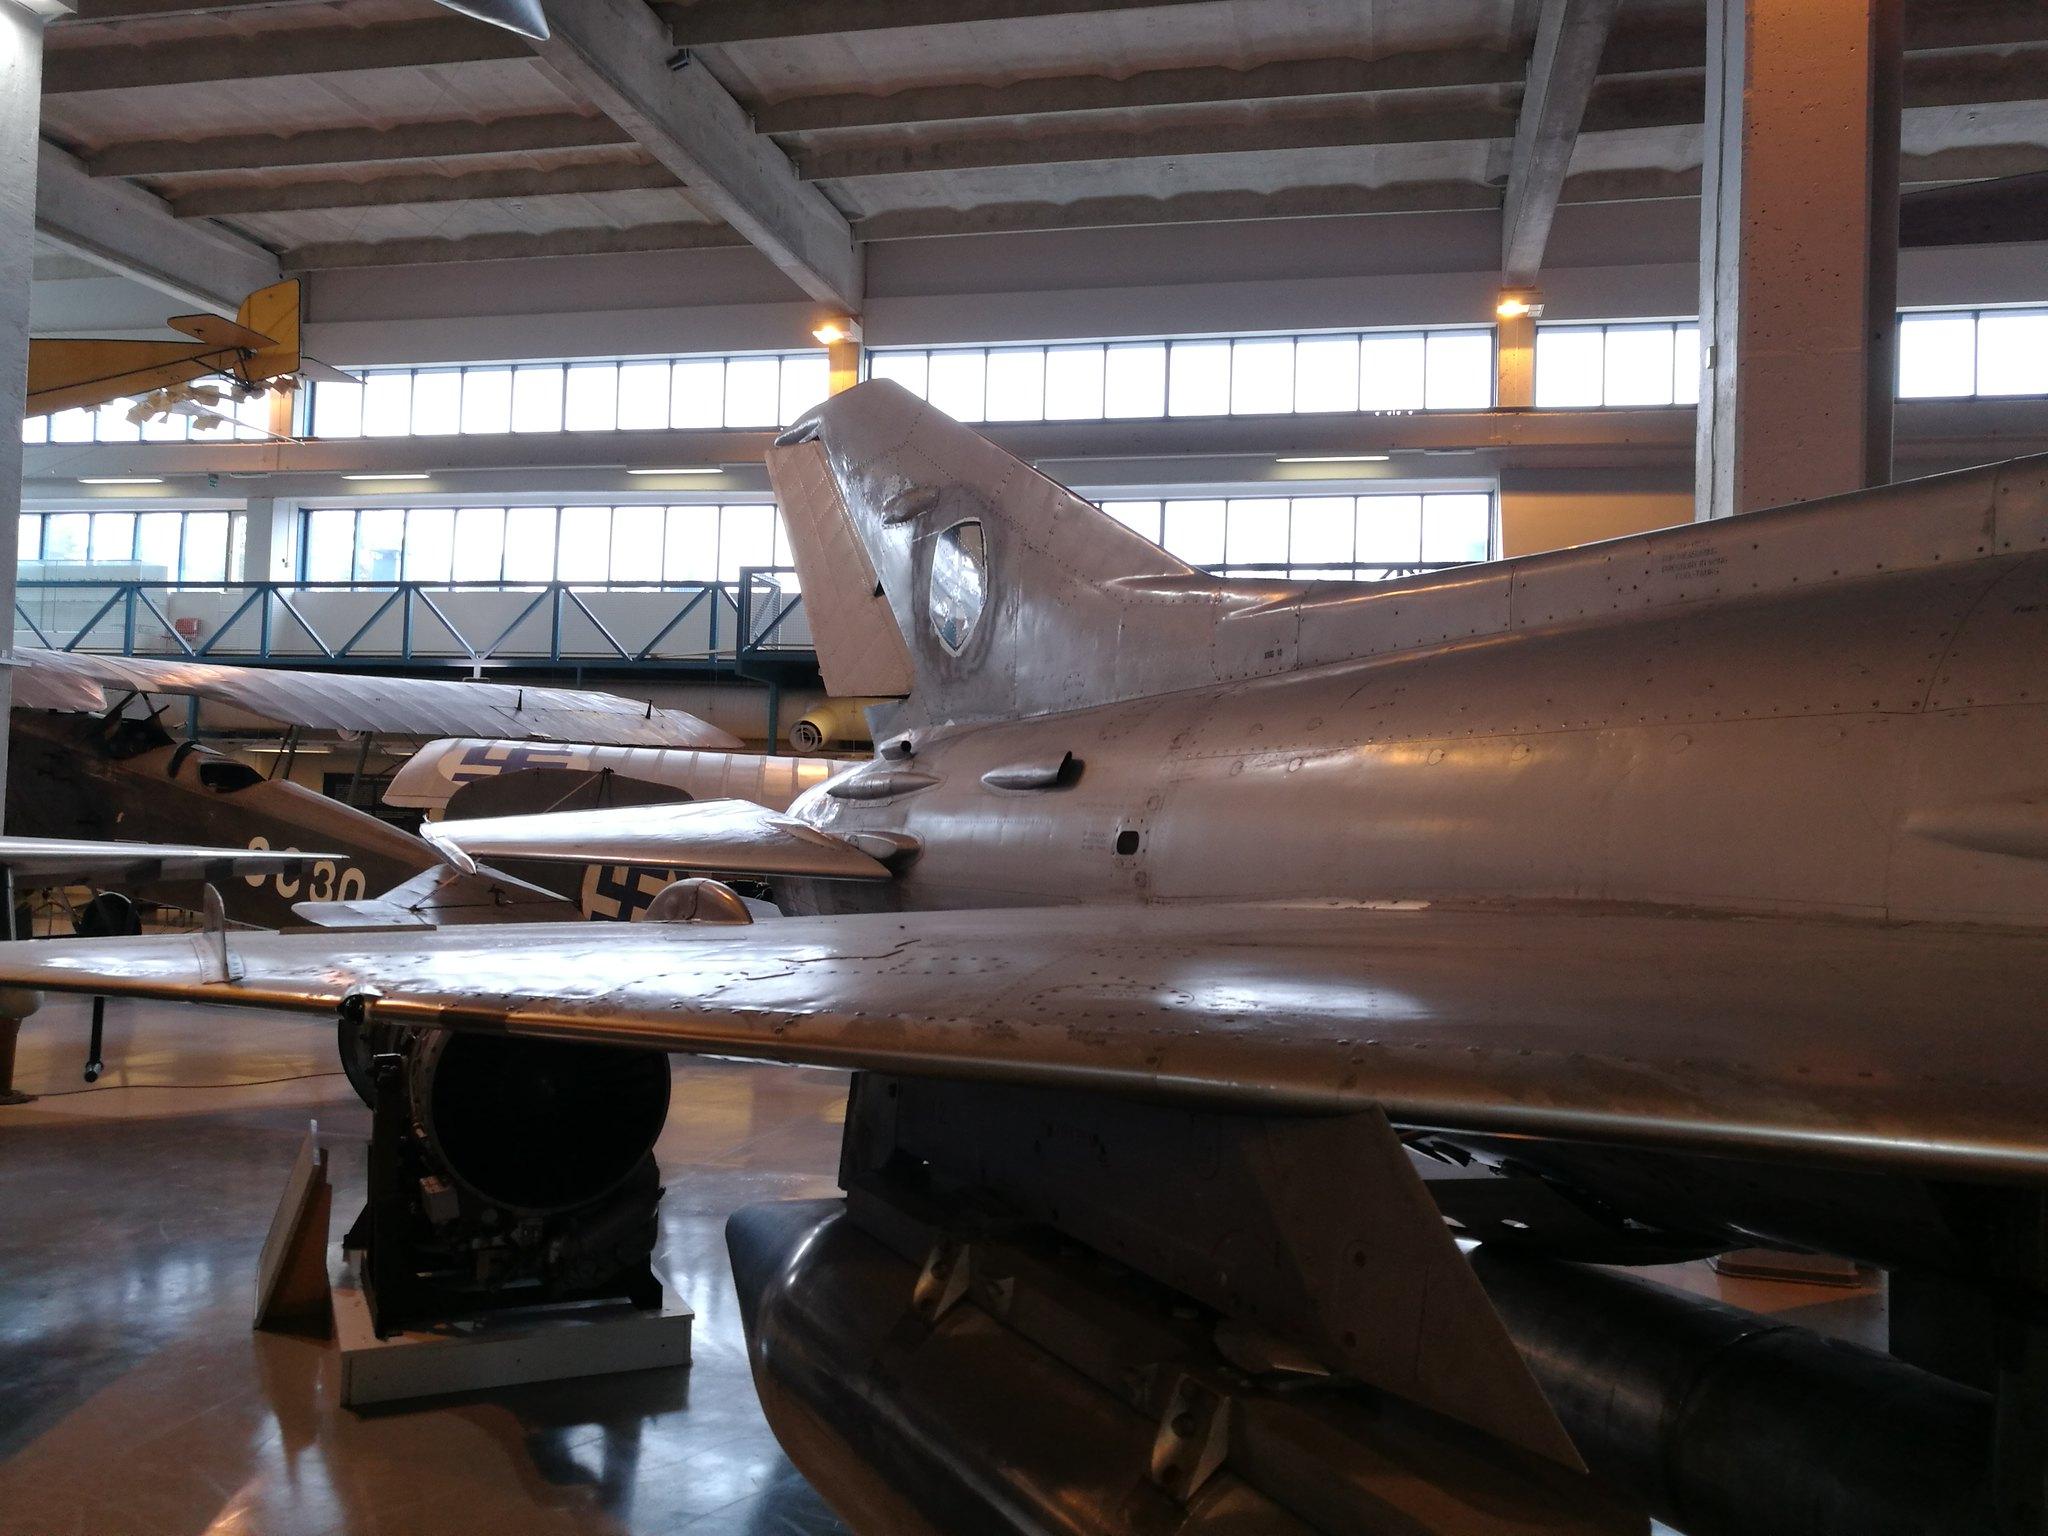 Hemkommen från semester i Finland med utflykt till Finlands Flygvapenmuseum. 48287468542_c2532138a7_k